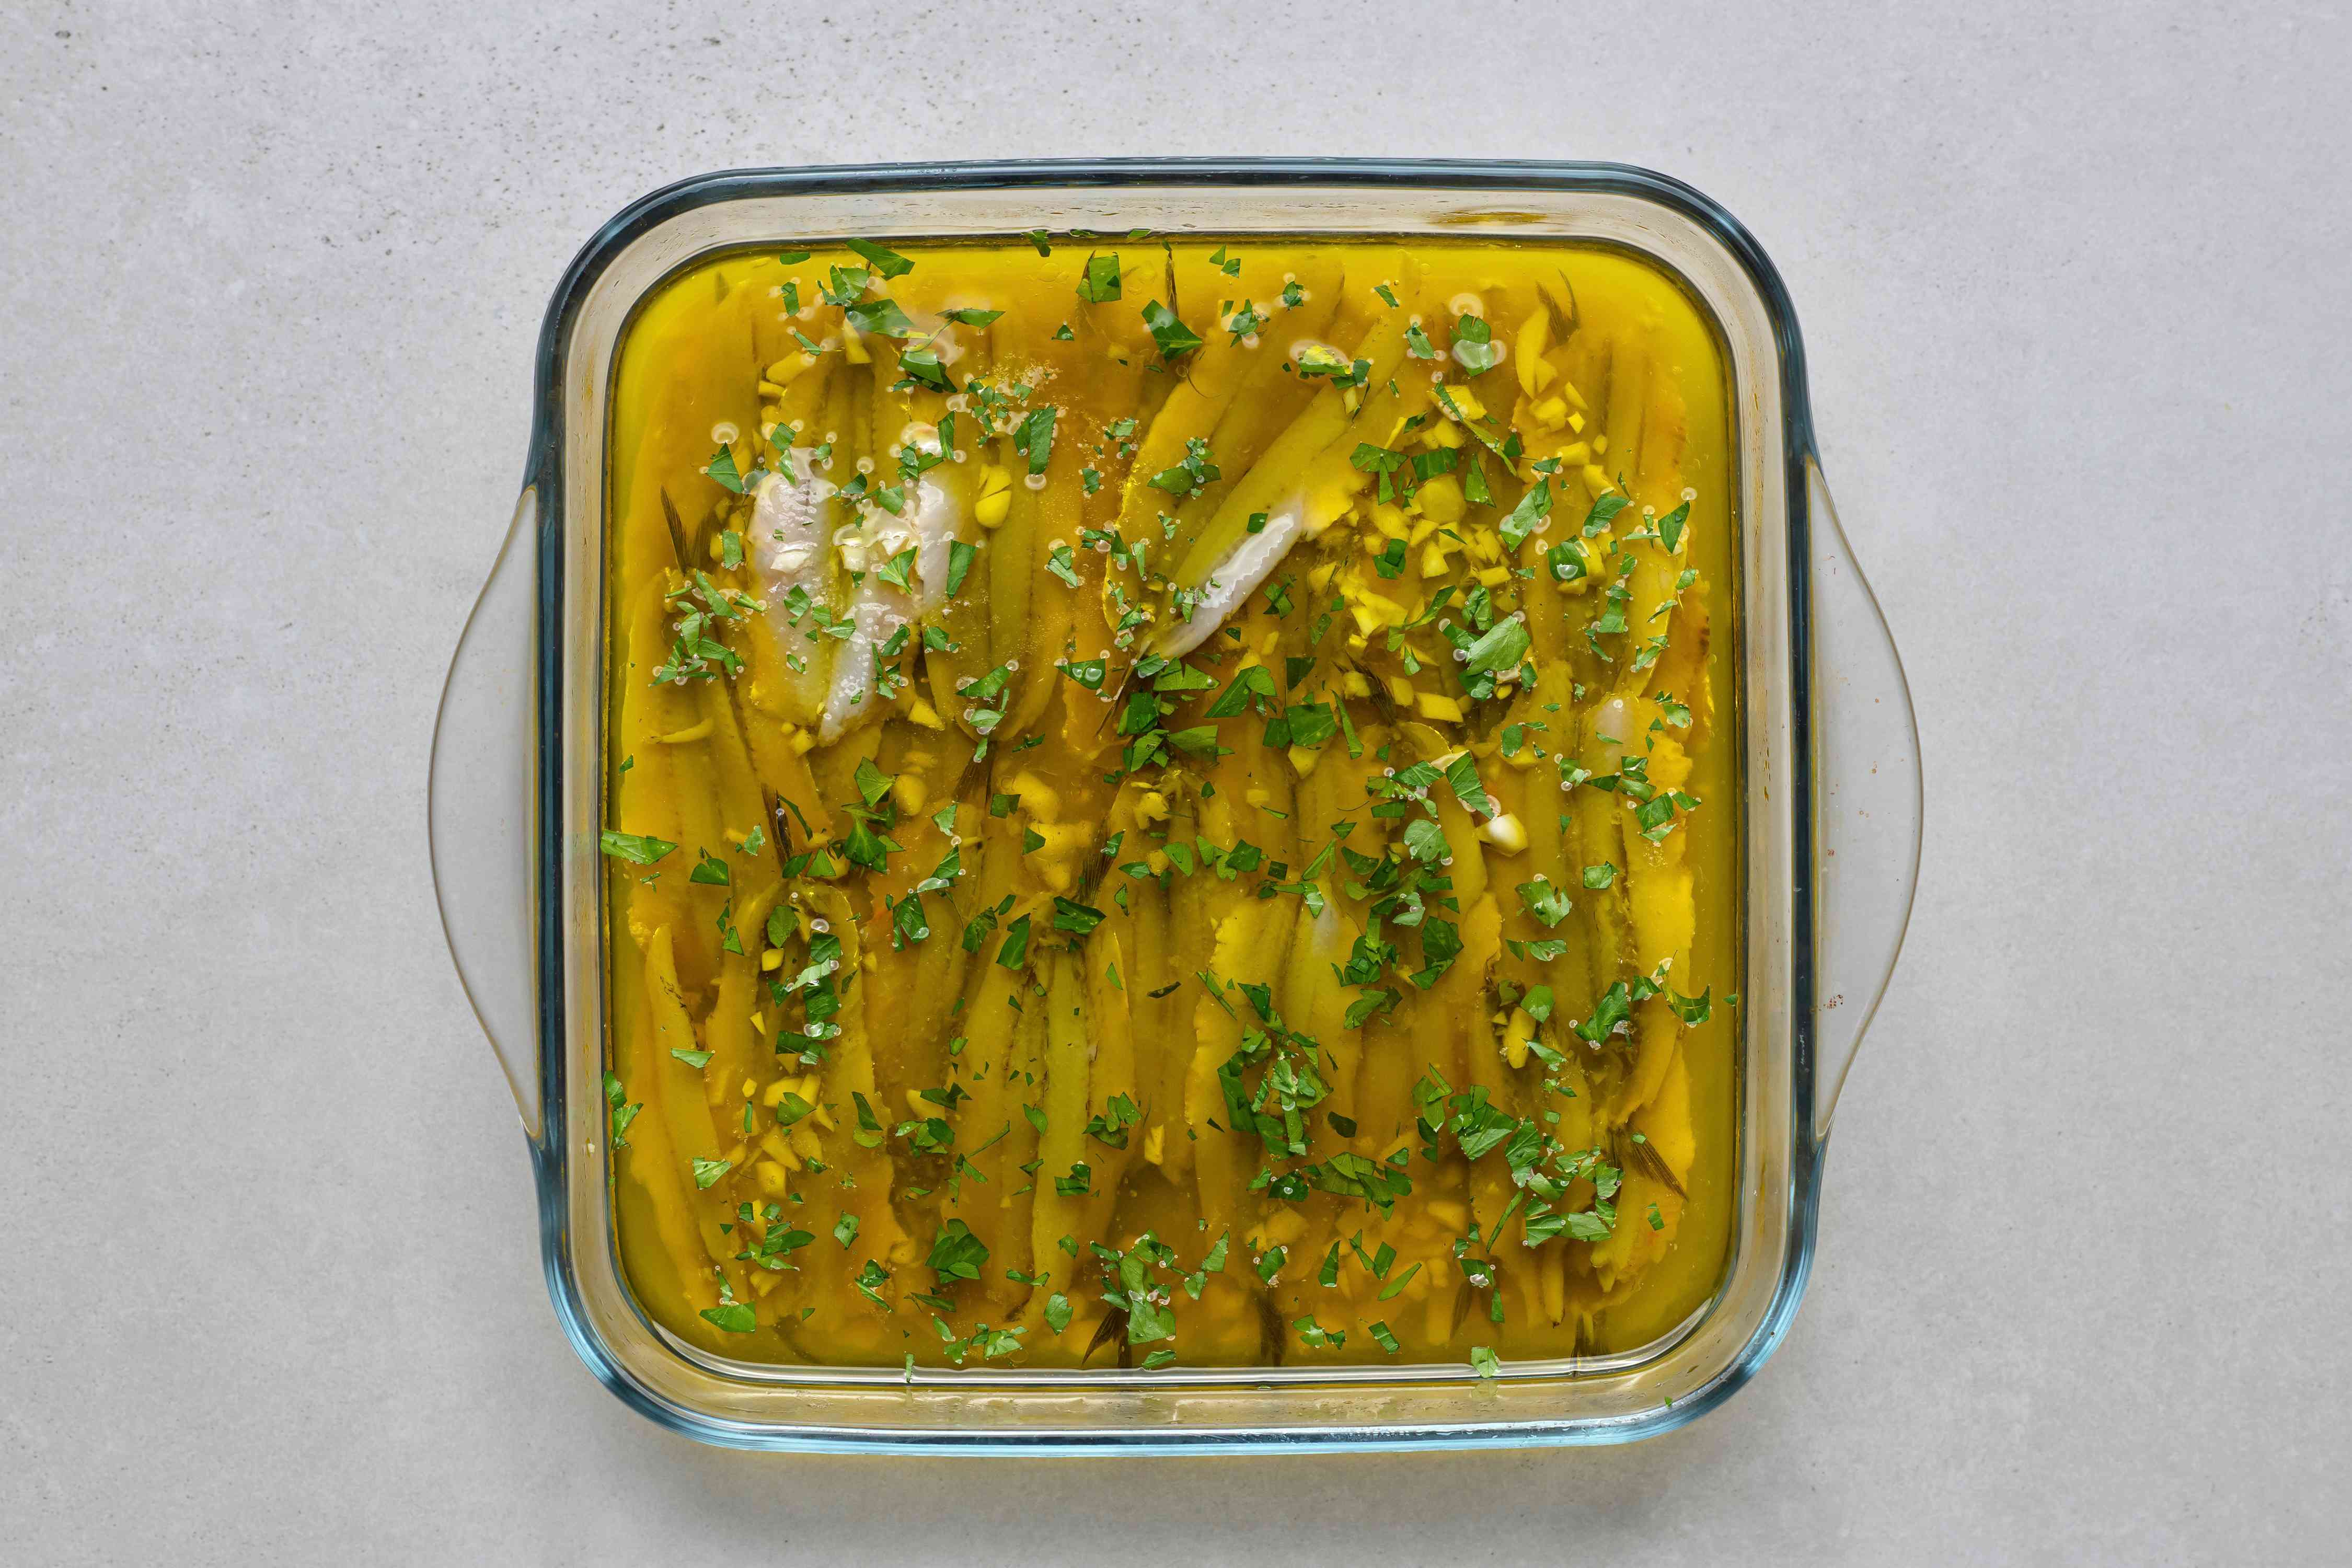 Anchovies Marinated in Vinegar (Boquerones en Vinagre) in a glass baking dish